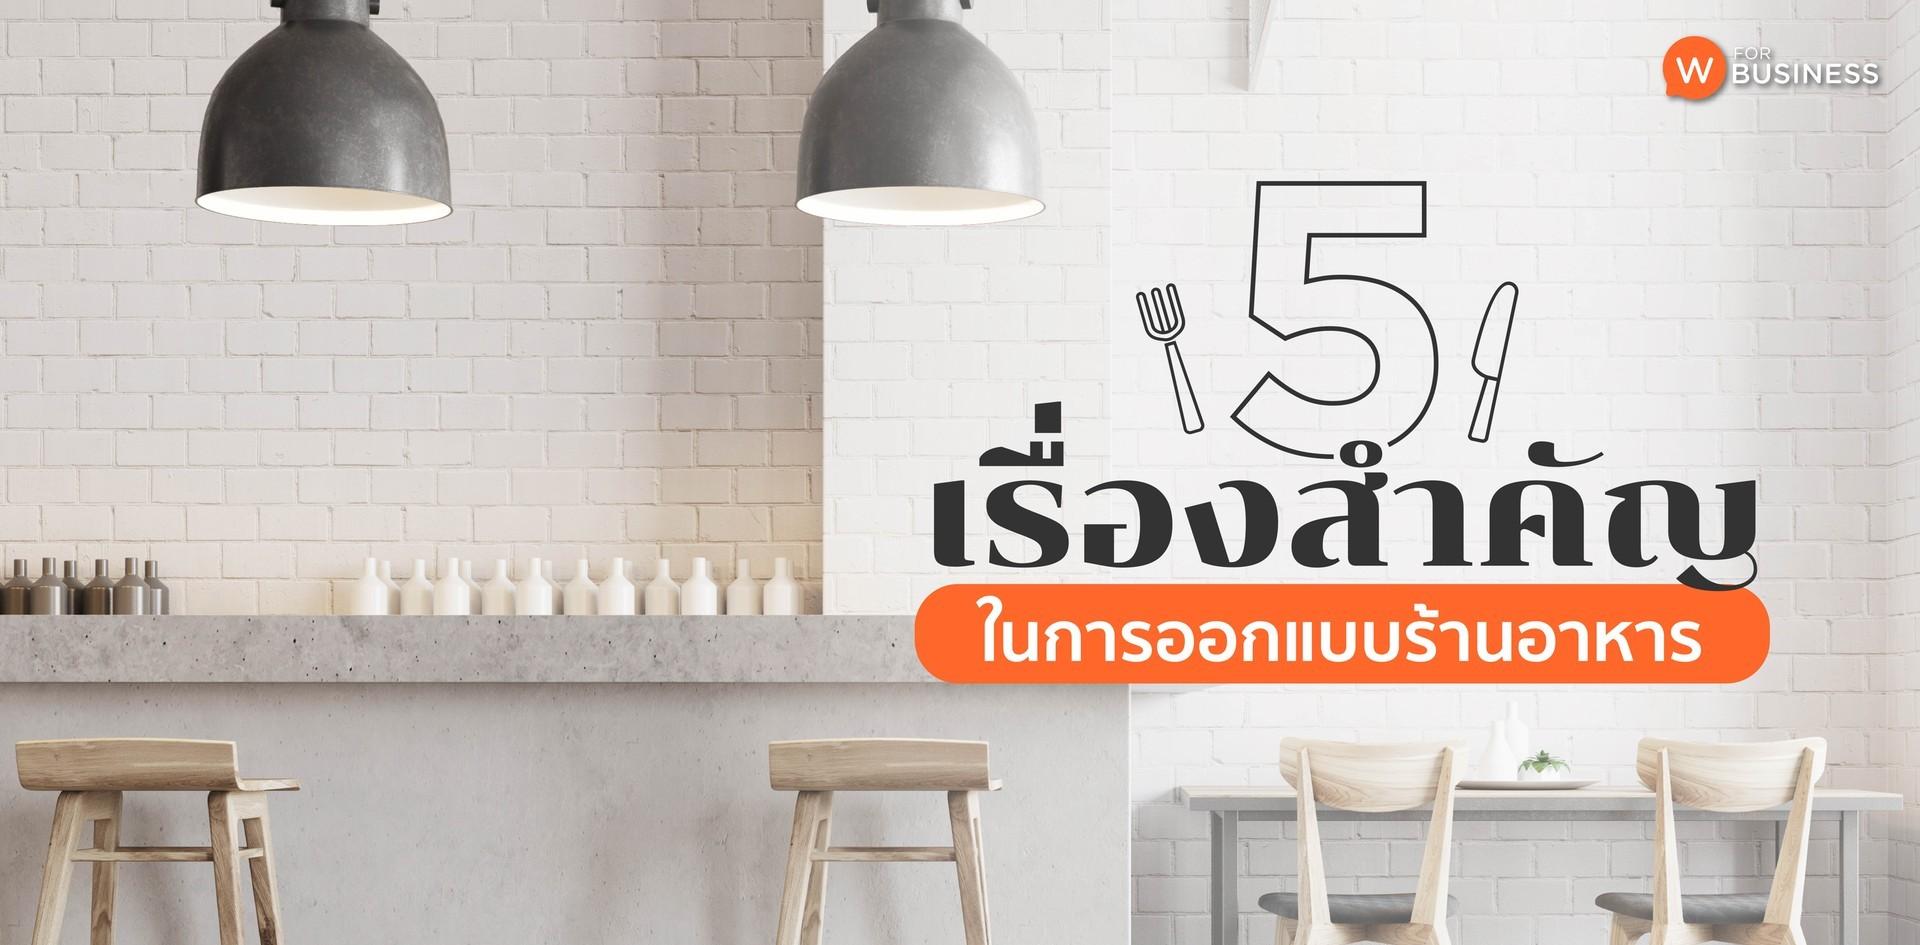 5 เรื่องสำคัญในการออกแบบร้านอาหาร